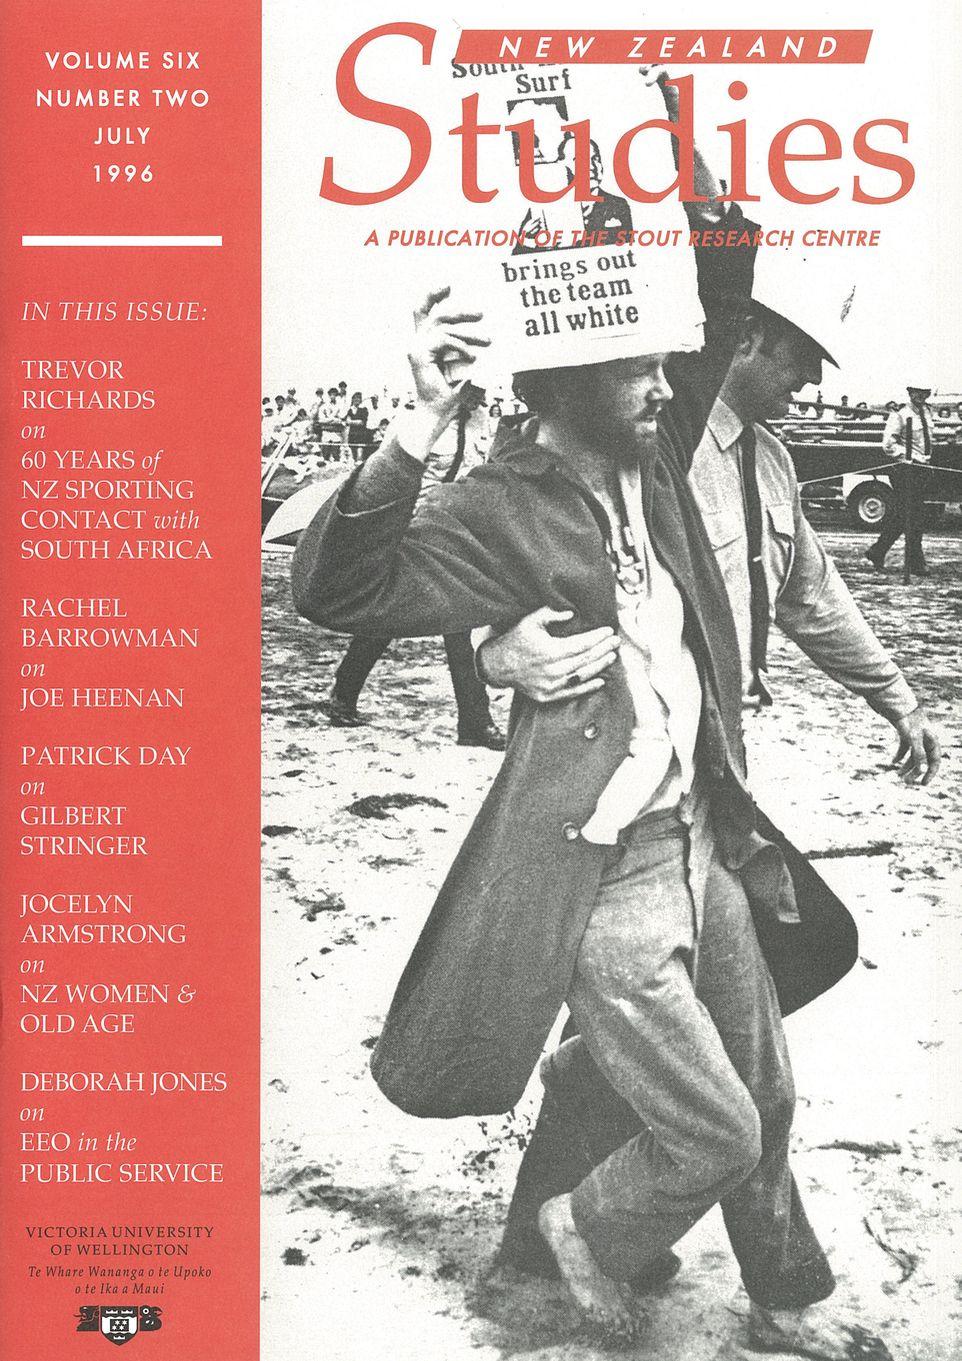 New Zealand Studies 1996 Vol.6 No.2